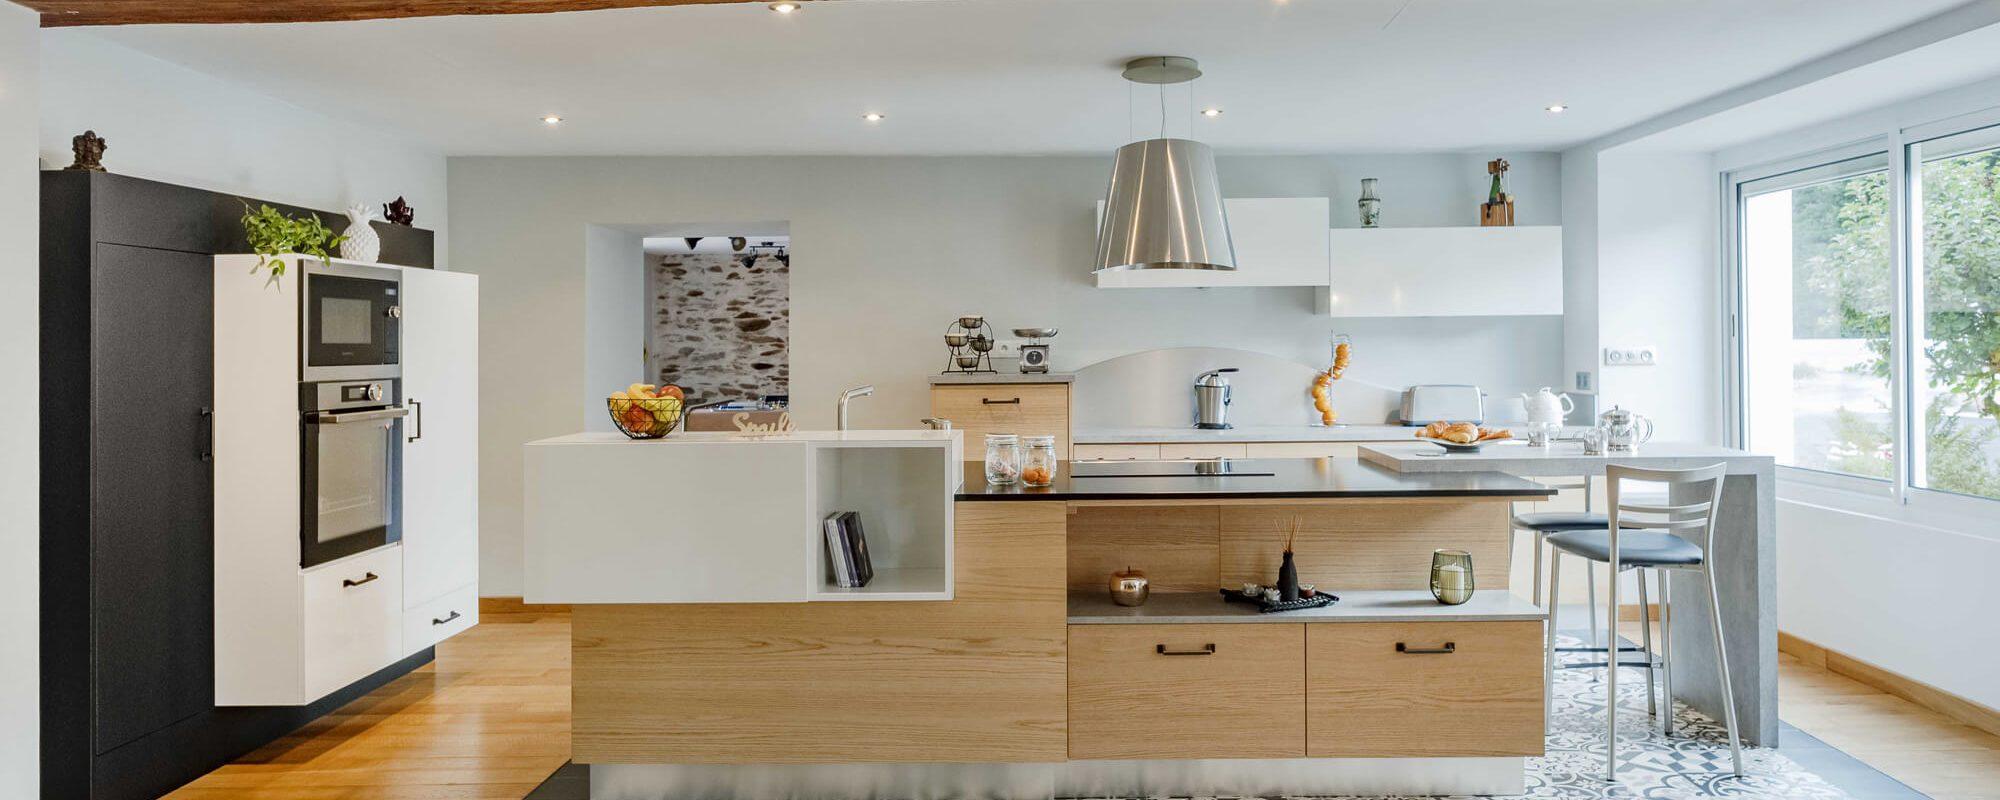 Atelier De La Cuisine Nantes créations gravouille - artisan cuisiniste en pays de loire (44)